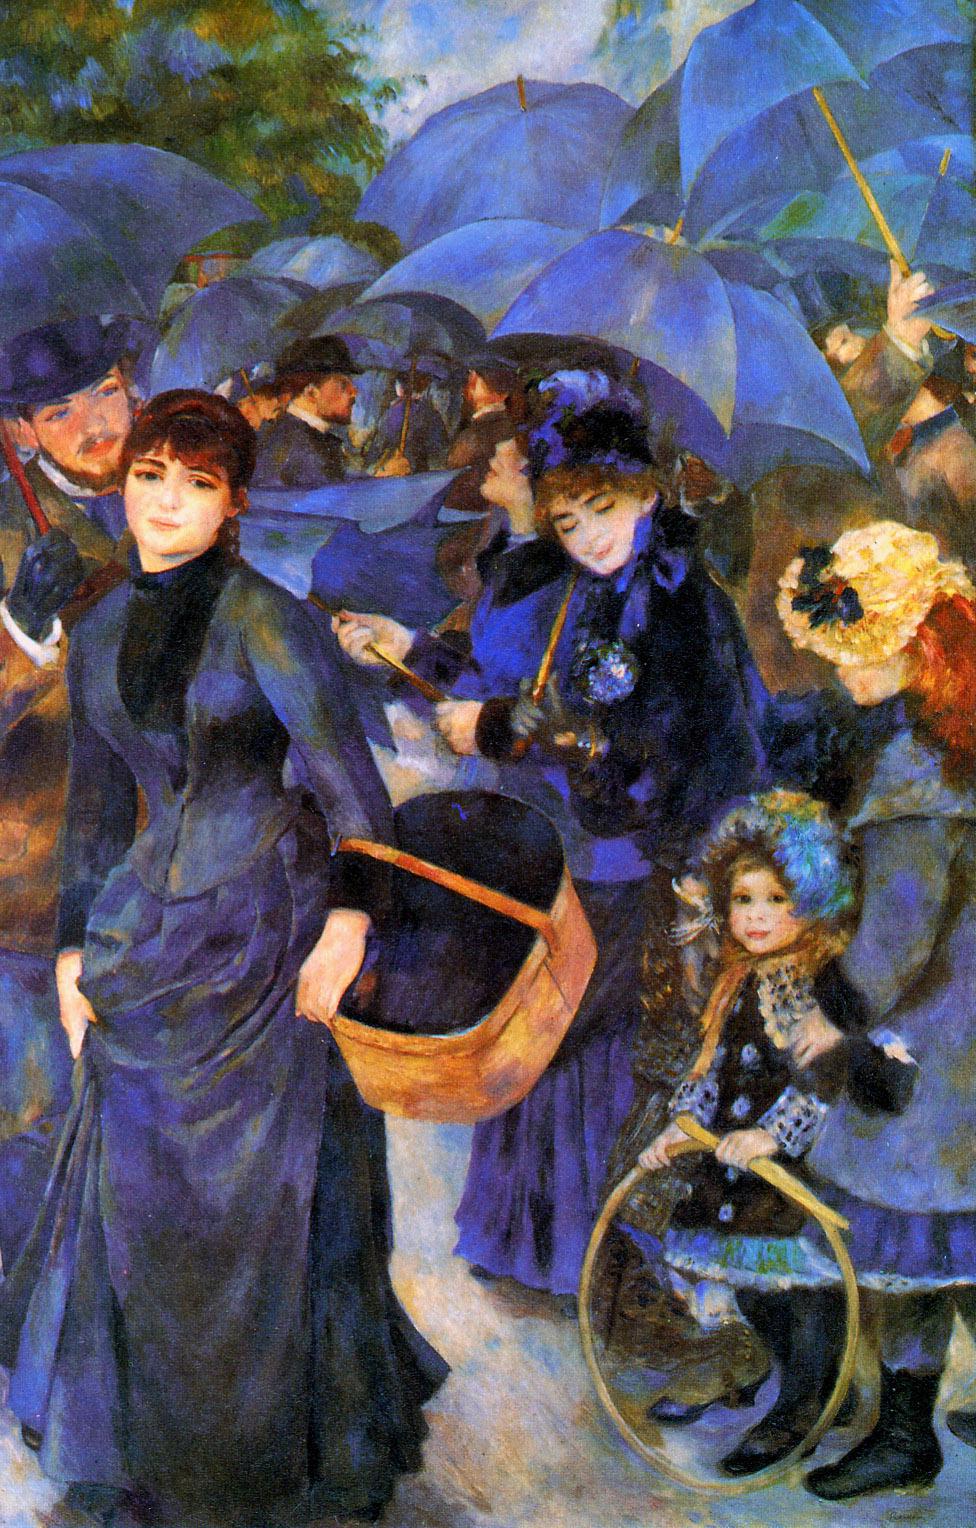 Umbrellas, 1885 - 1886 - Pierre-Auguste Renoir - WikiArt.org